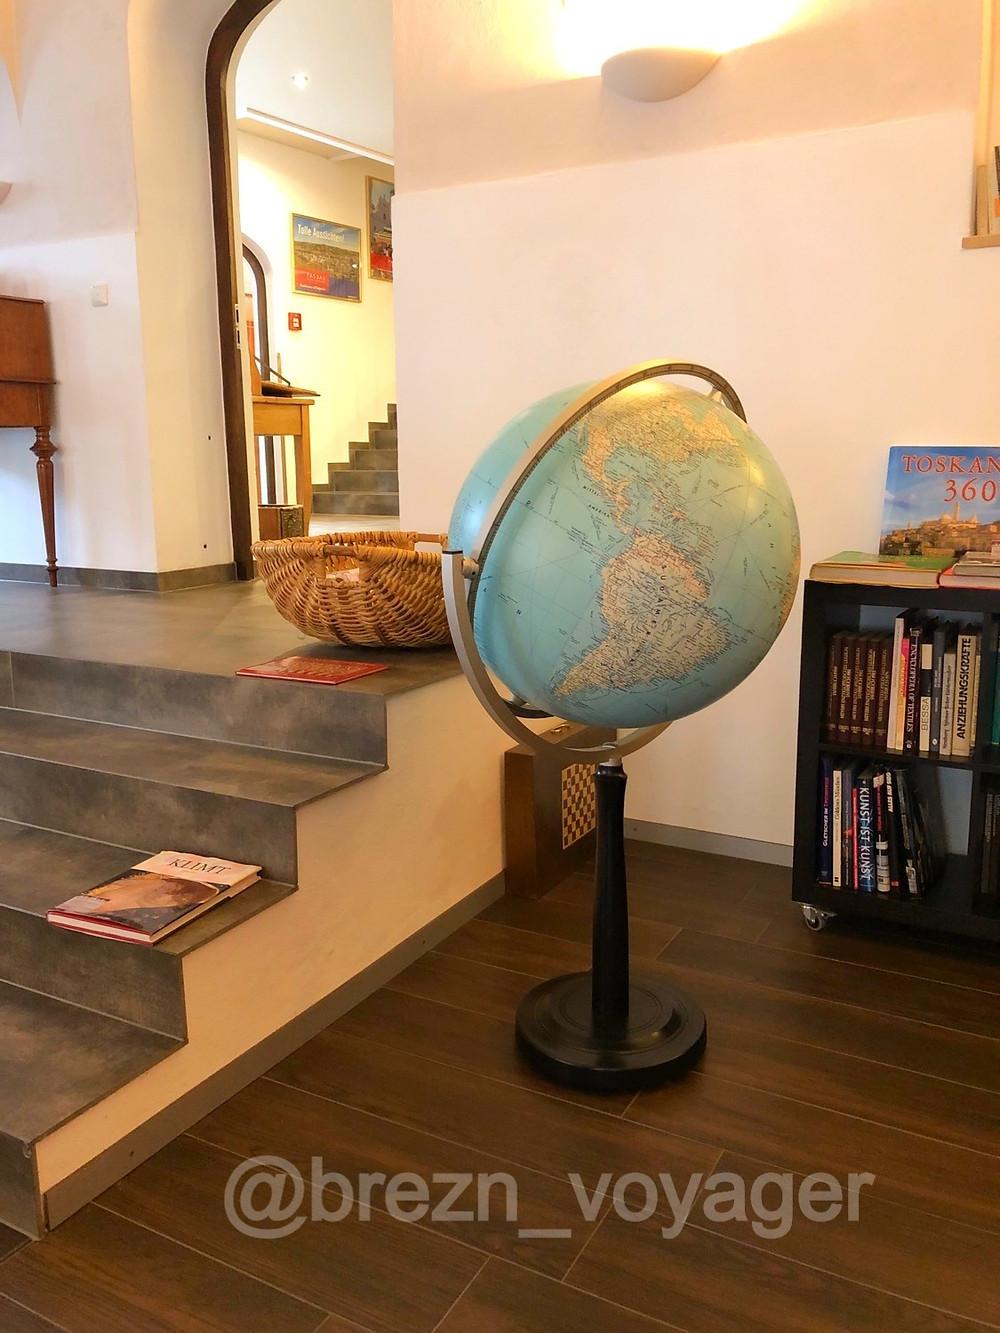 Die Lese-Lounge neben der Lobby ist detailreich und stilvoll eingerichtet